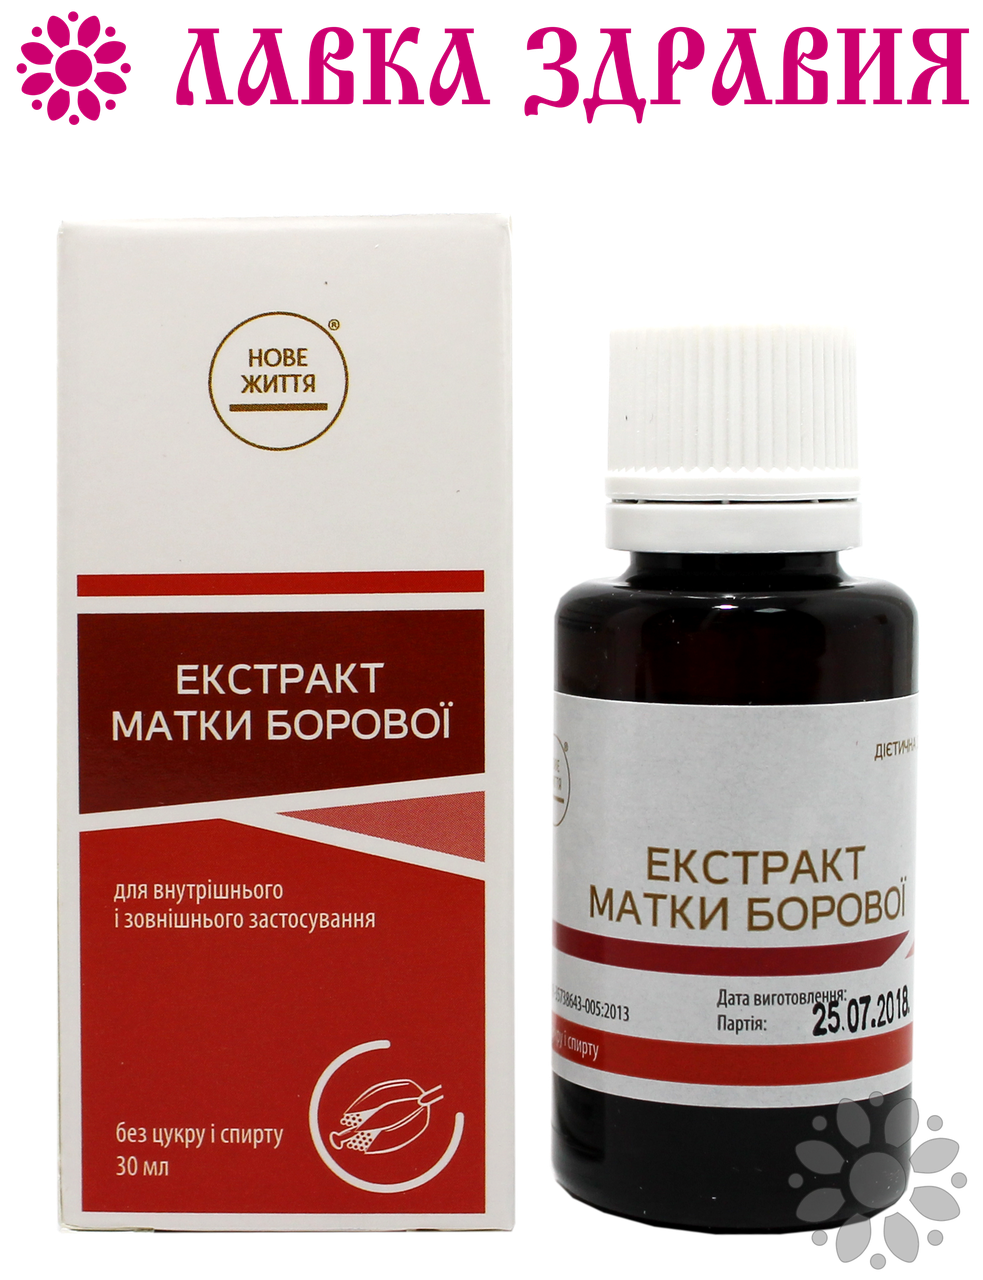 Экстракт Матки боровой, 30 мл, NEW LIFE